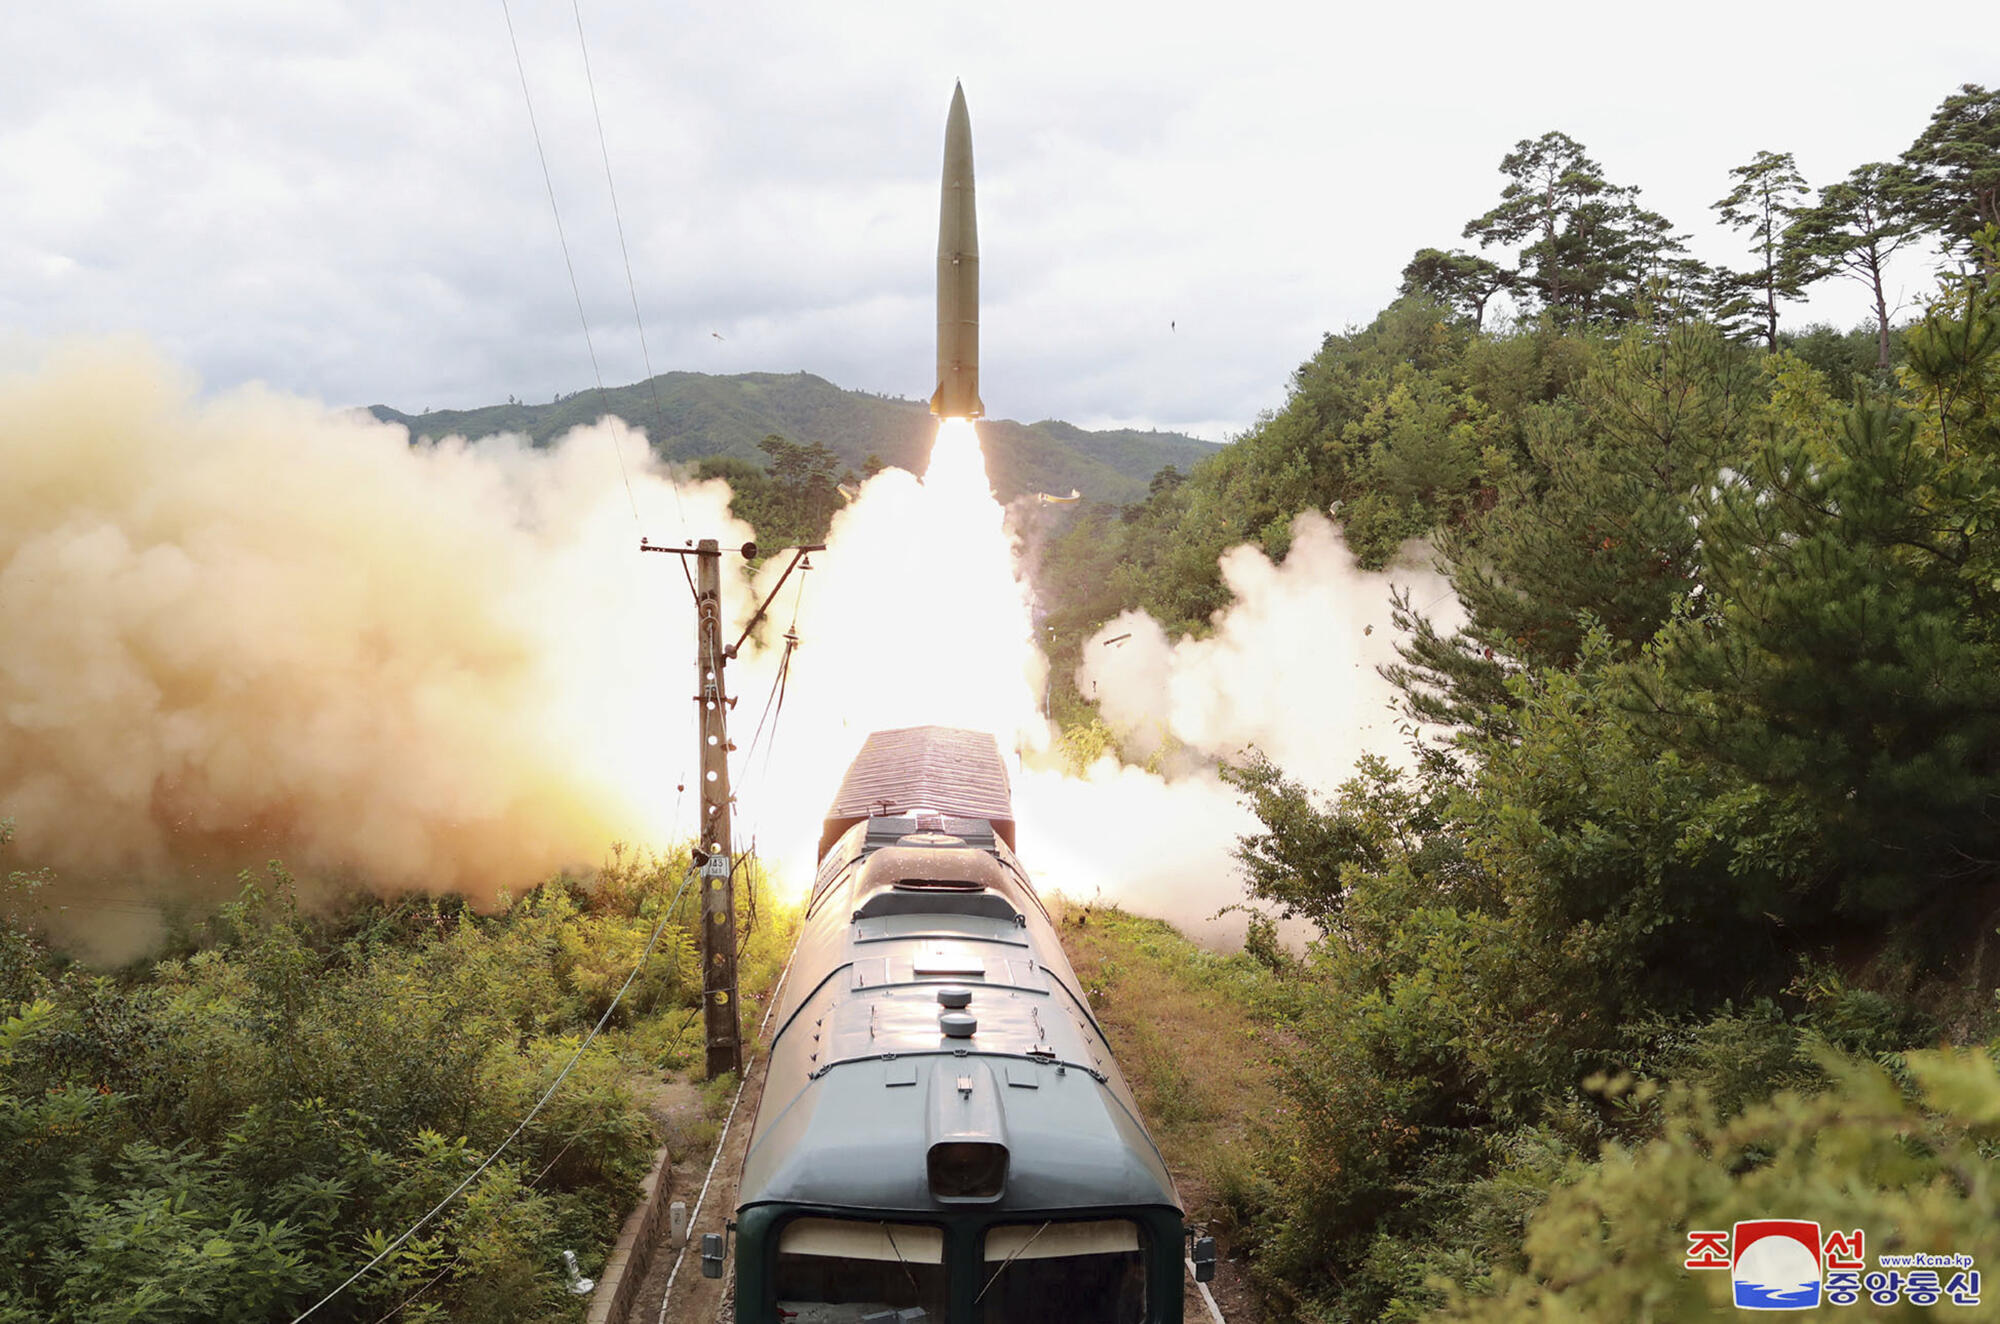 Corée du Nord - Test missiles - Train  AP21258809700850